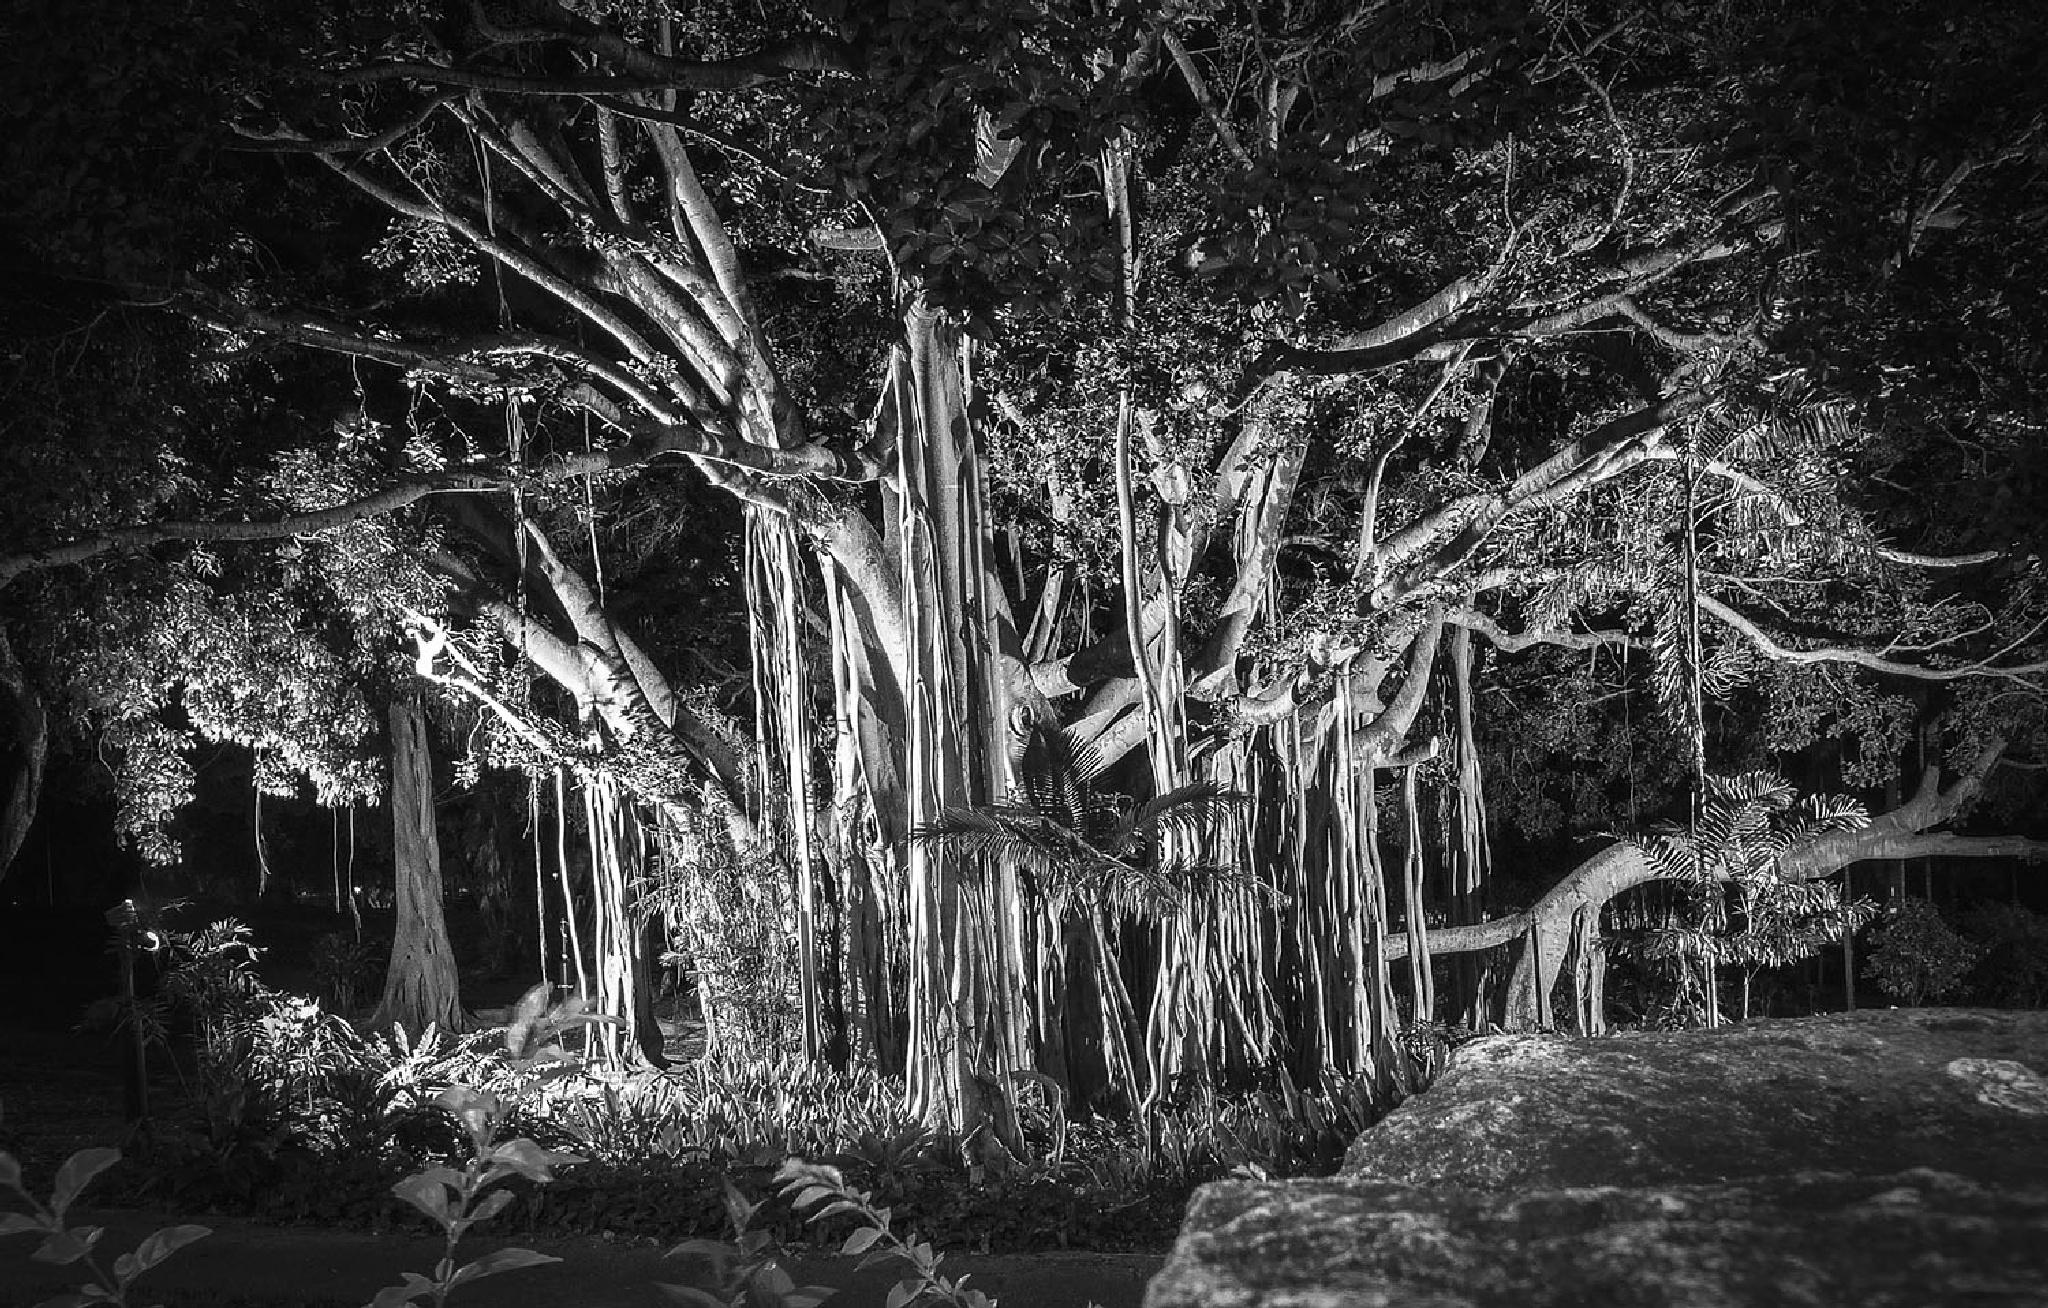 Moreton Bay Fig Tree by Lynnie taylor